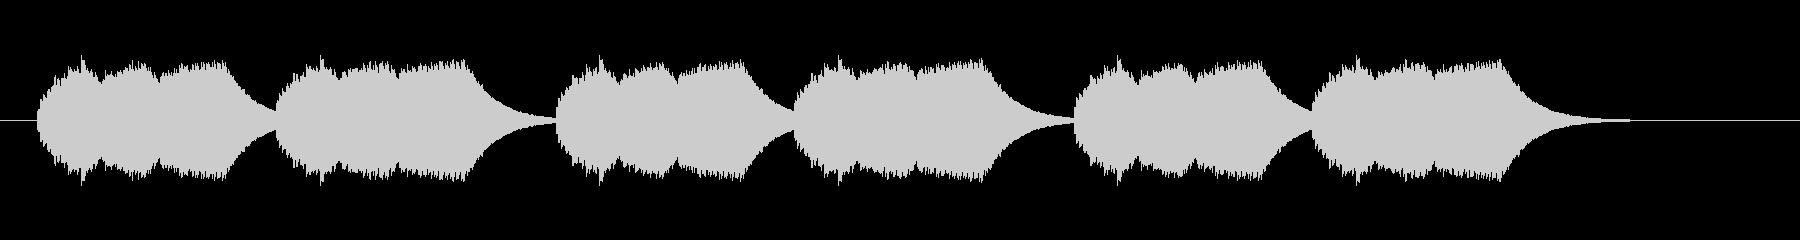 実用的な着信音の未再生の波形